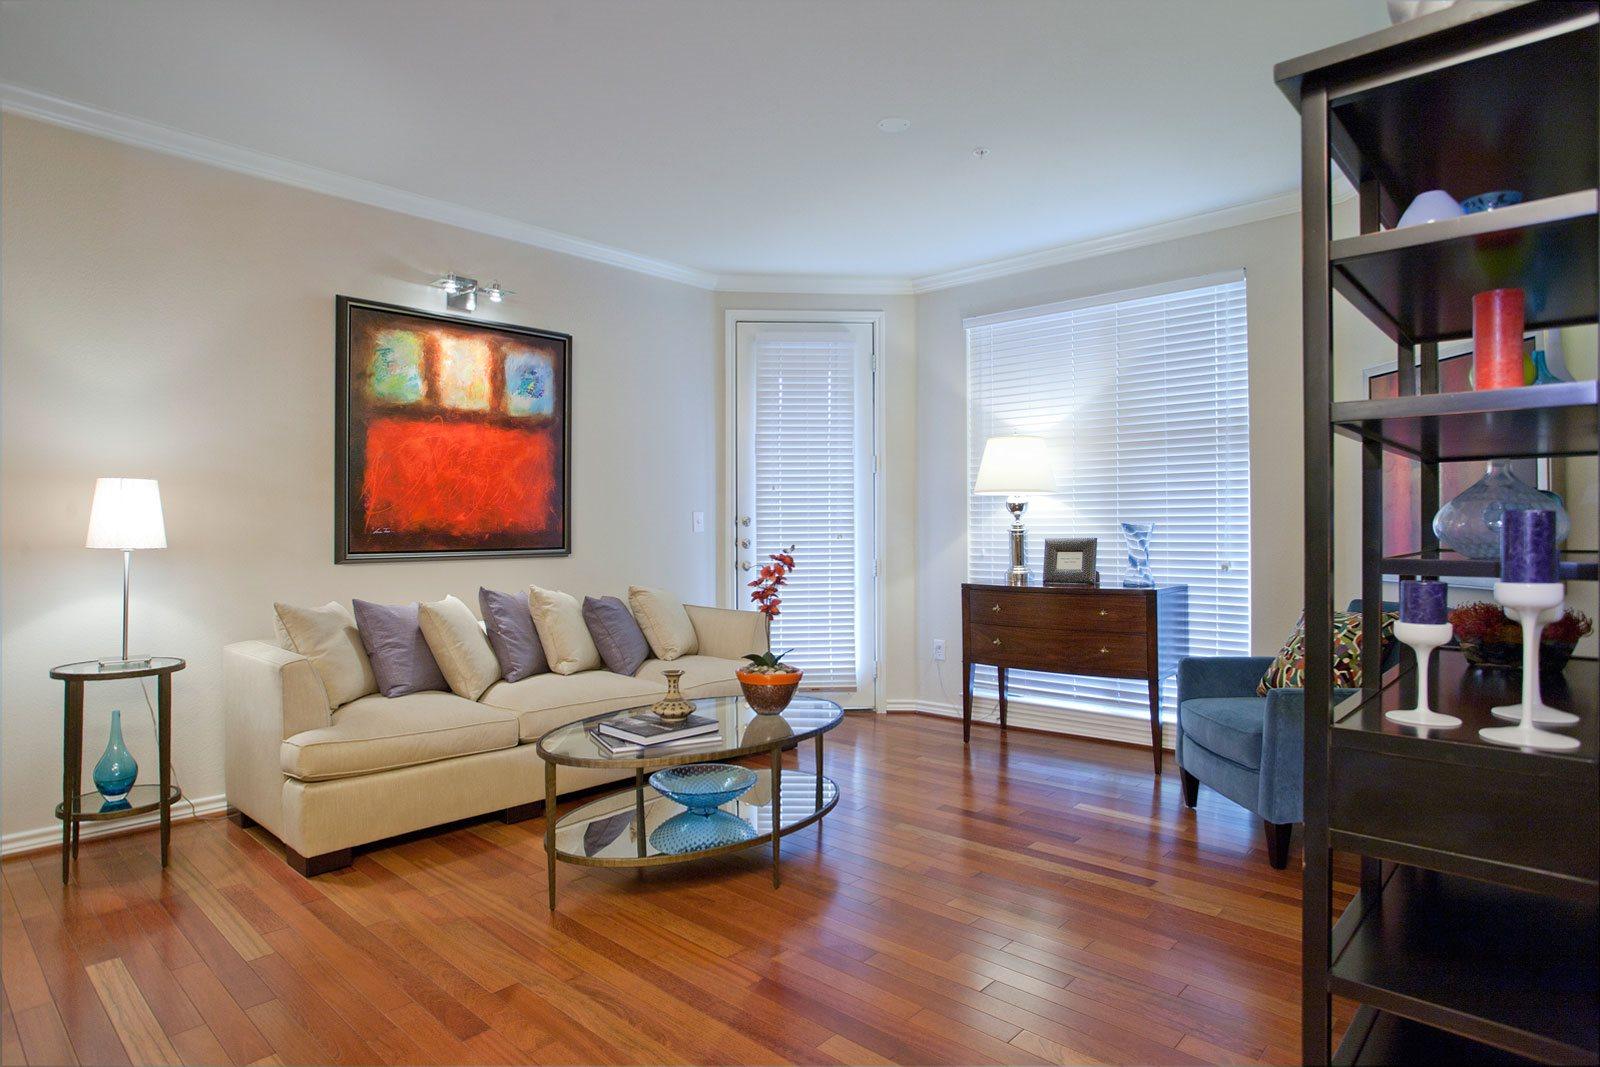 Hardwood Floors at Trianon by Windsor, 2820 McKinnon Street, Dallas